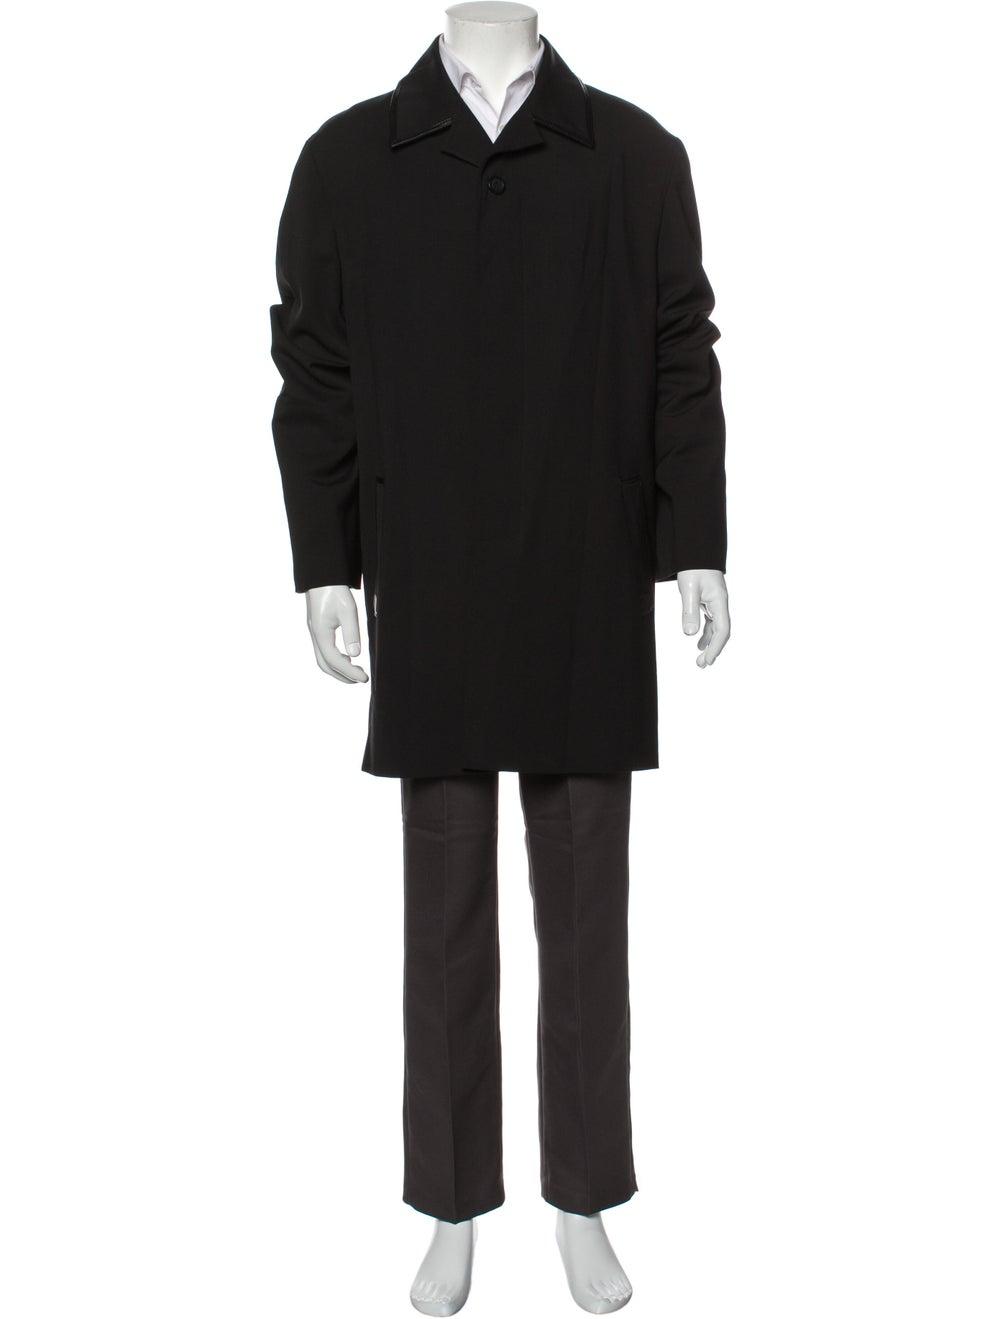 Gianni Versace Overcoat Black - image 1